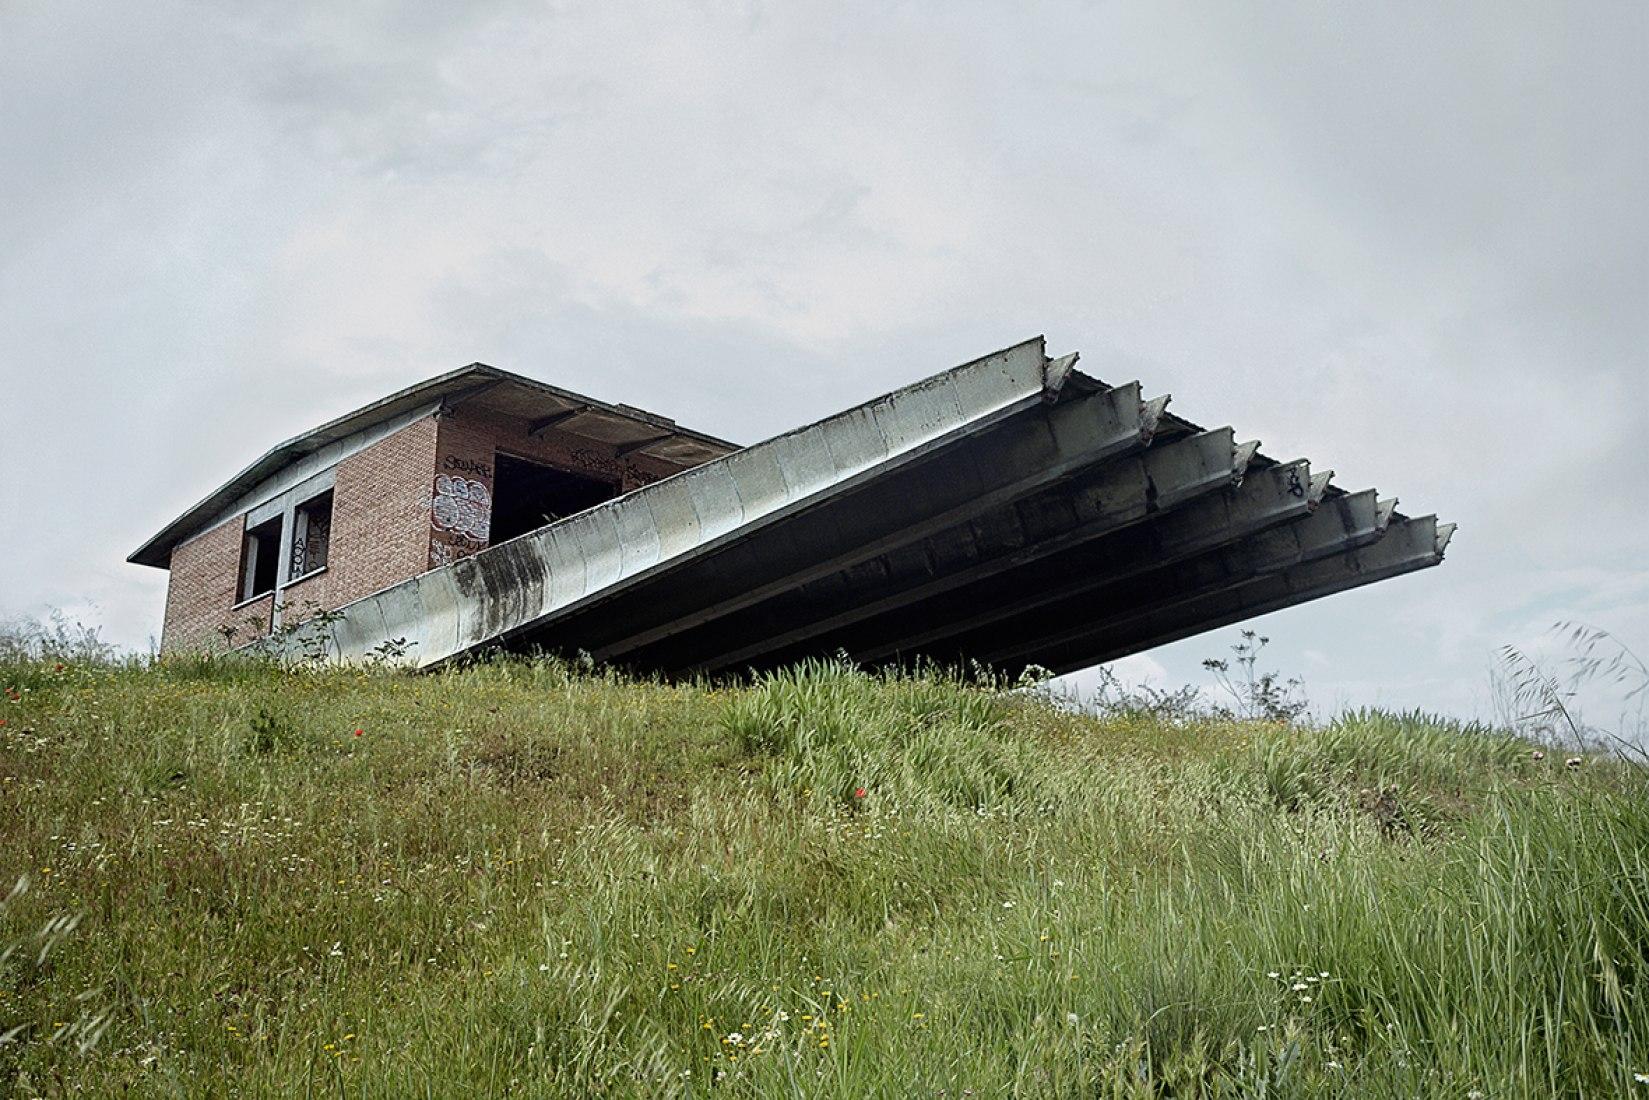 Imagen del libro de Arquitectura y Resistencia, por Nicolás Combarro. Fotografía © Nicolás Combarro.